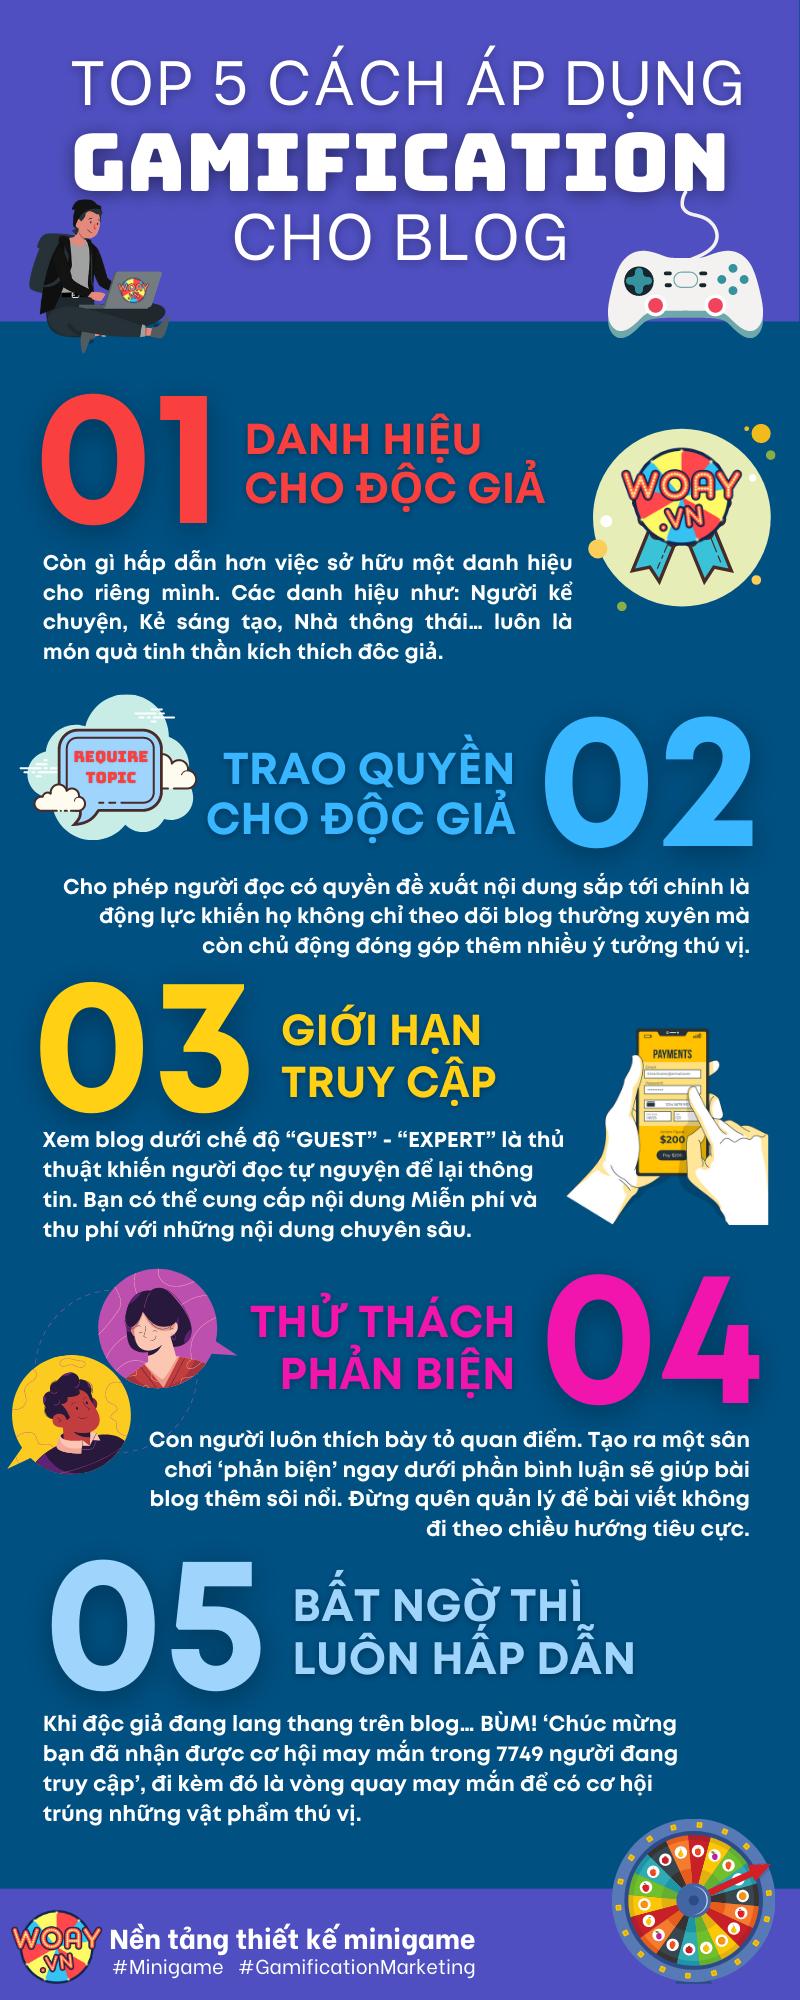 5-cach-ap-dung-gamification-cho-blog